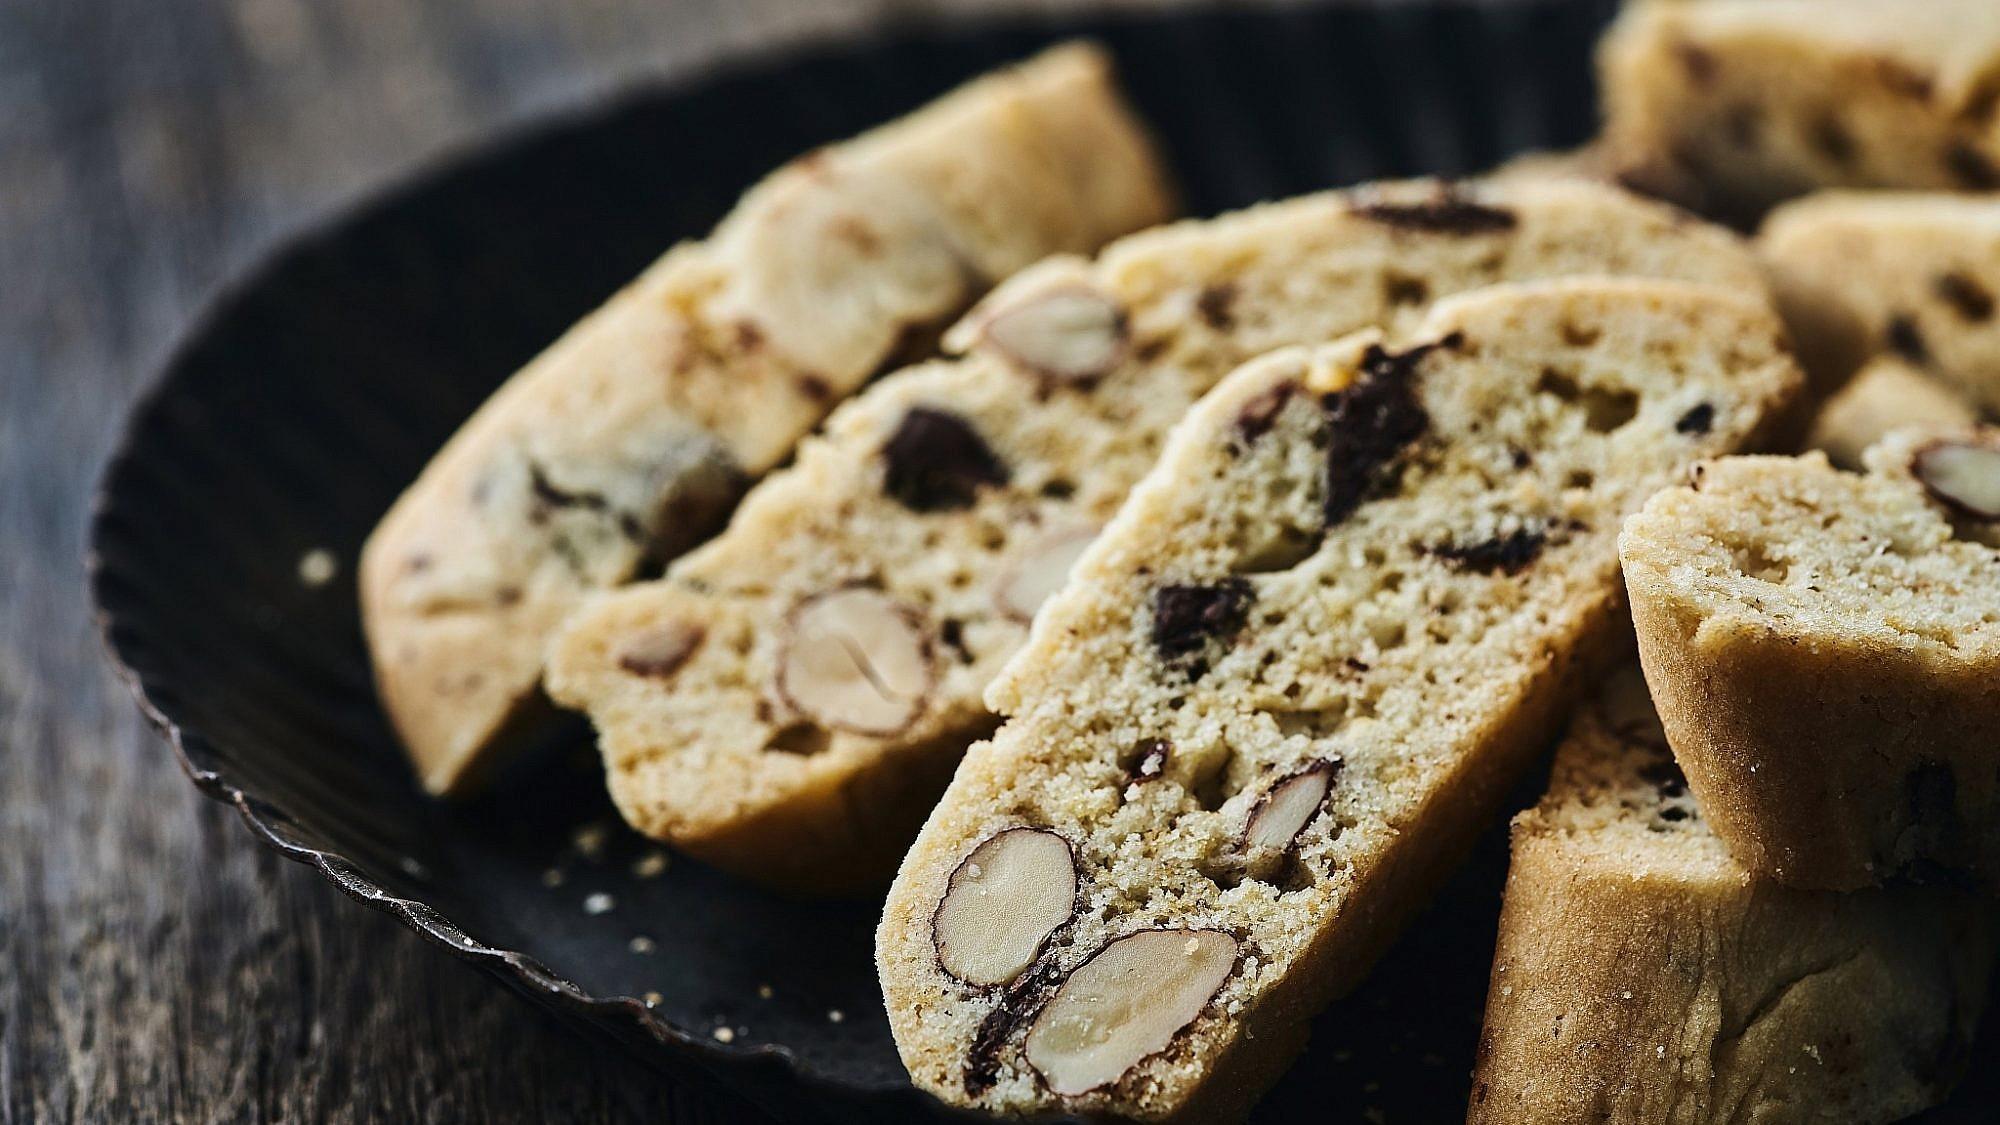 עוגיות ביסקוטי שוקולד ושקדים של שף קונדיטור רביבה אפל. צילום: אמיר מנחם, סטיילינג: ענת לבל